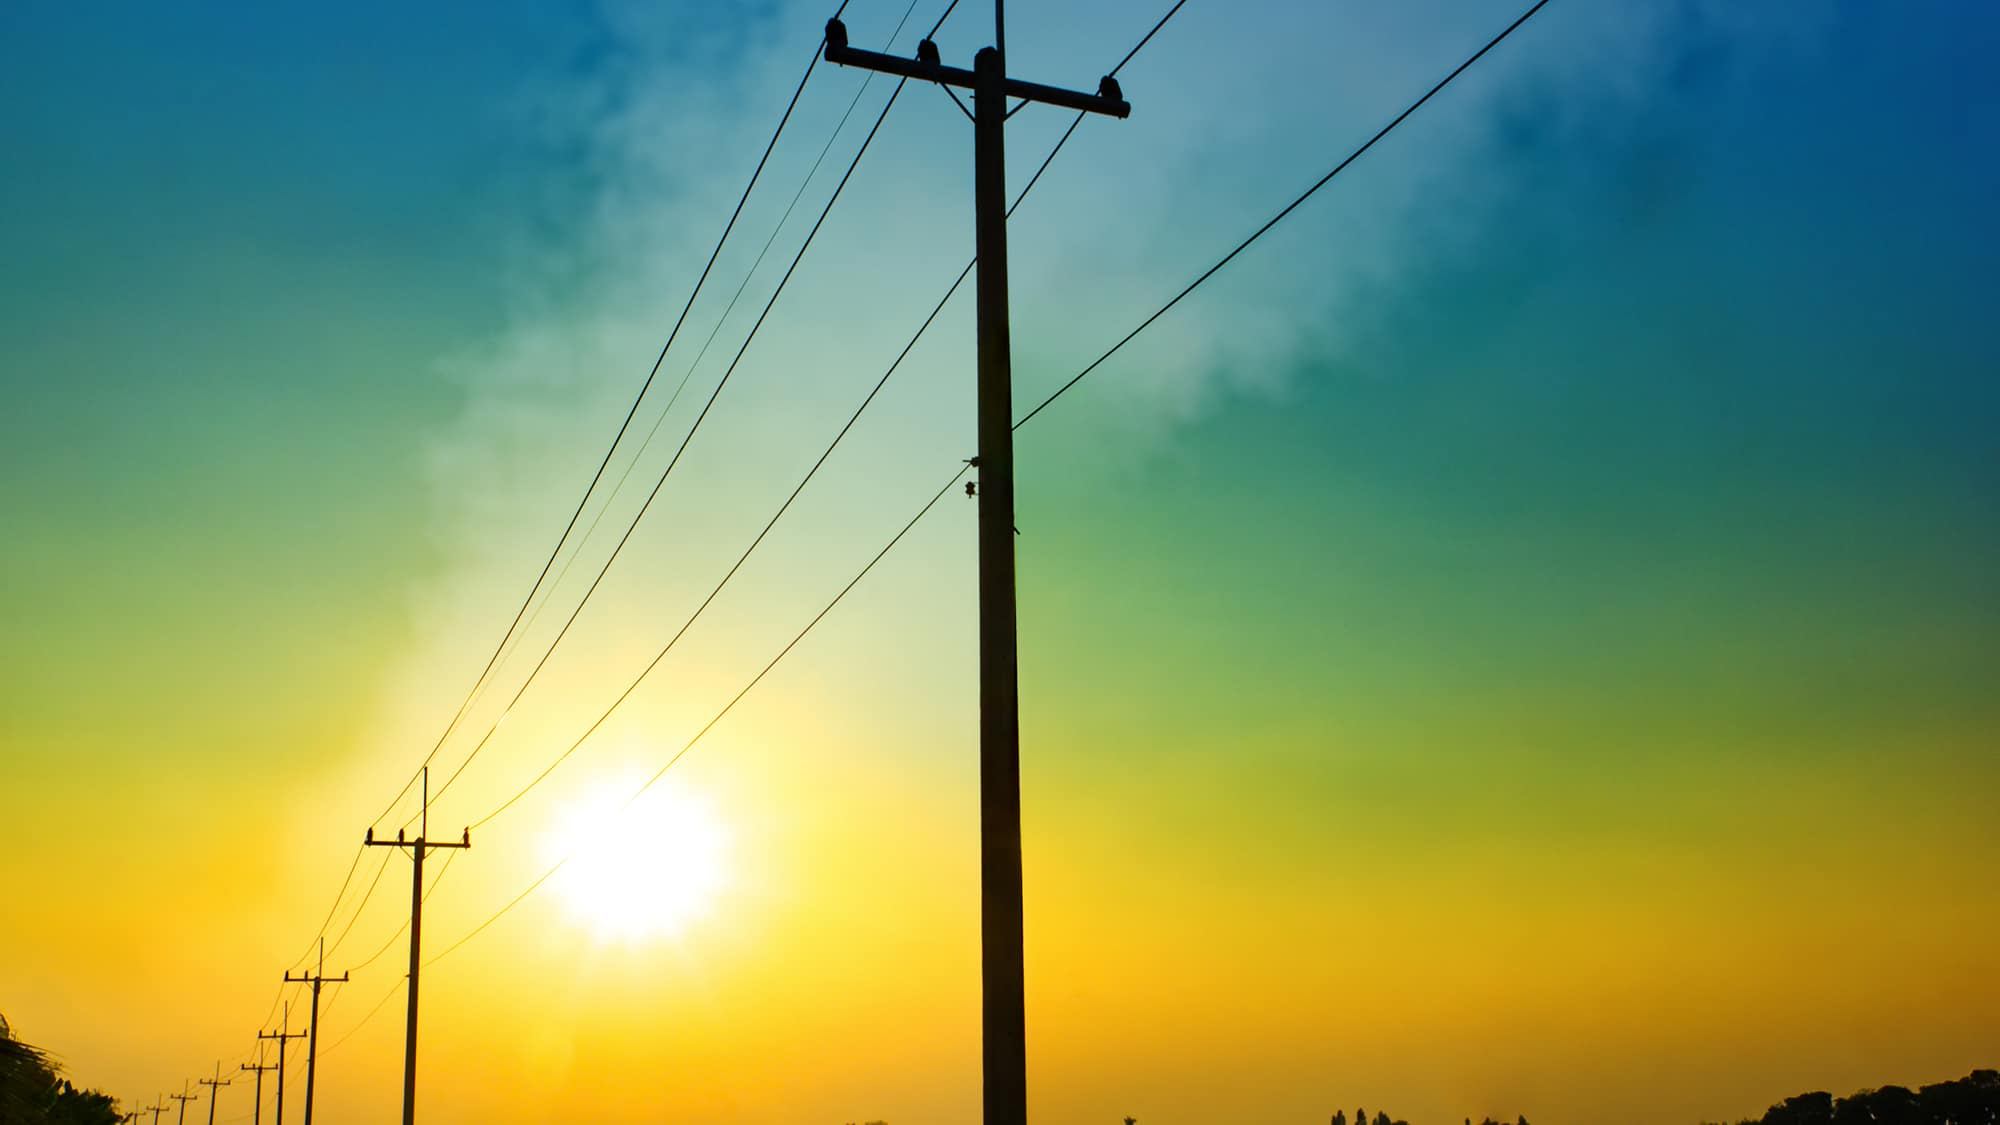 R&M setzt sich für Breitbandversorgung durch Freiluftverkabelung ein. Glasfasernetze in ländlichen Regionen dringender denn je benötigt.